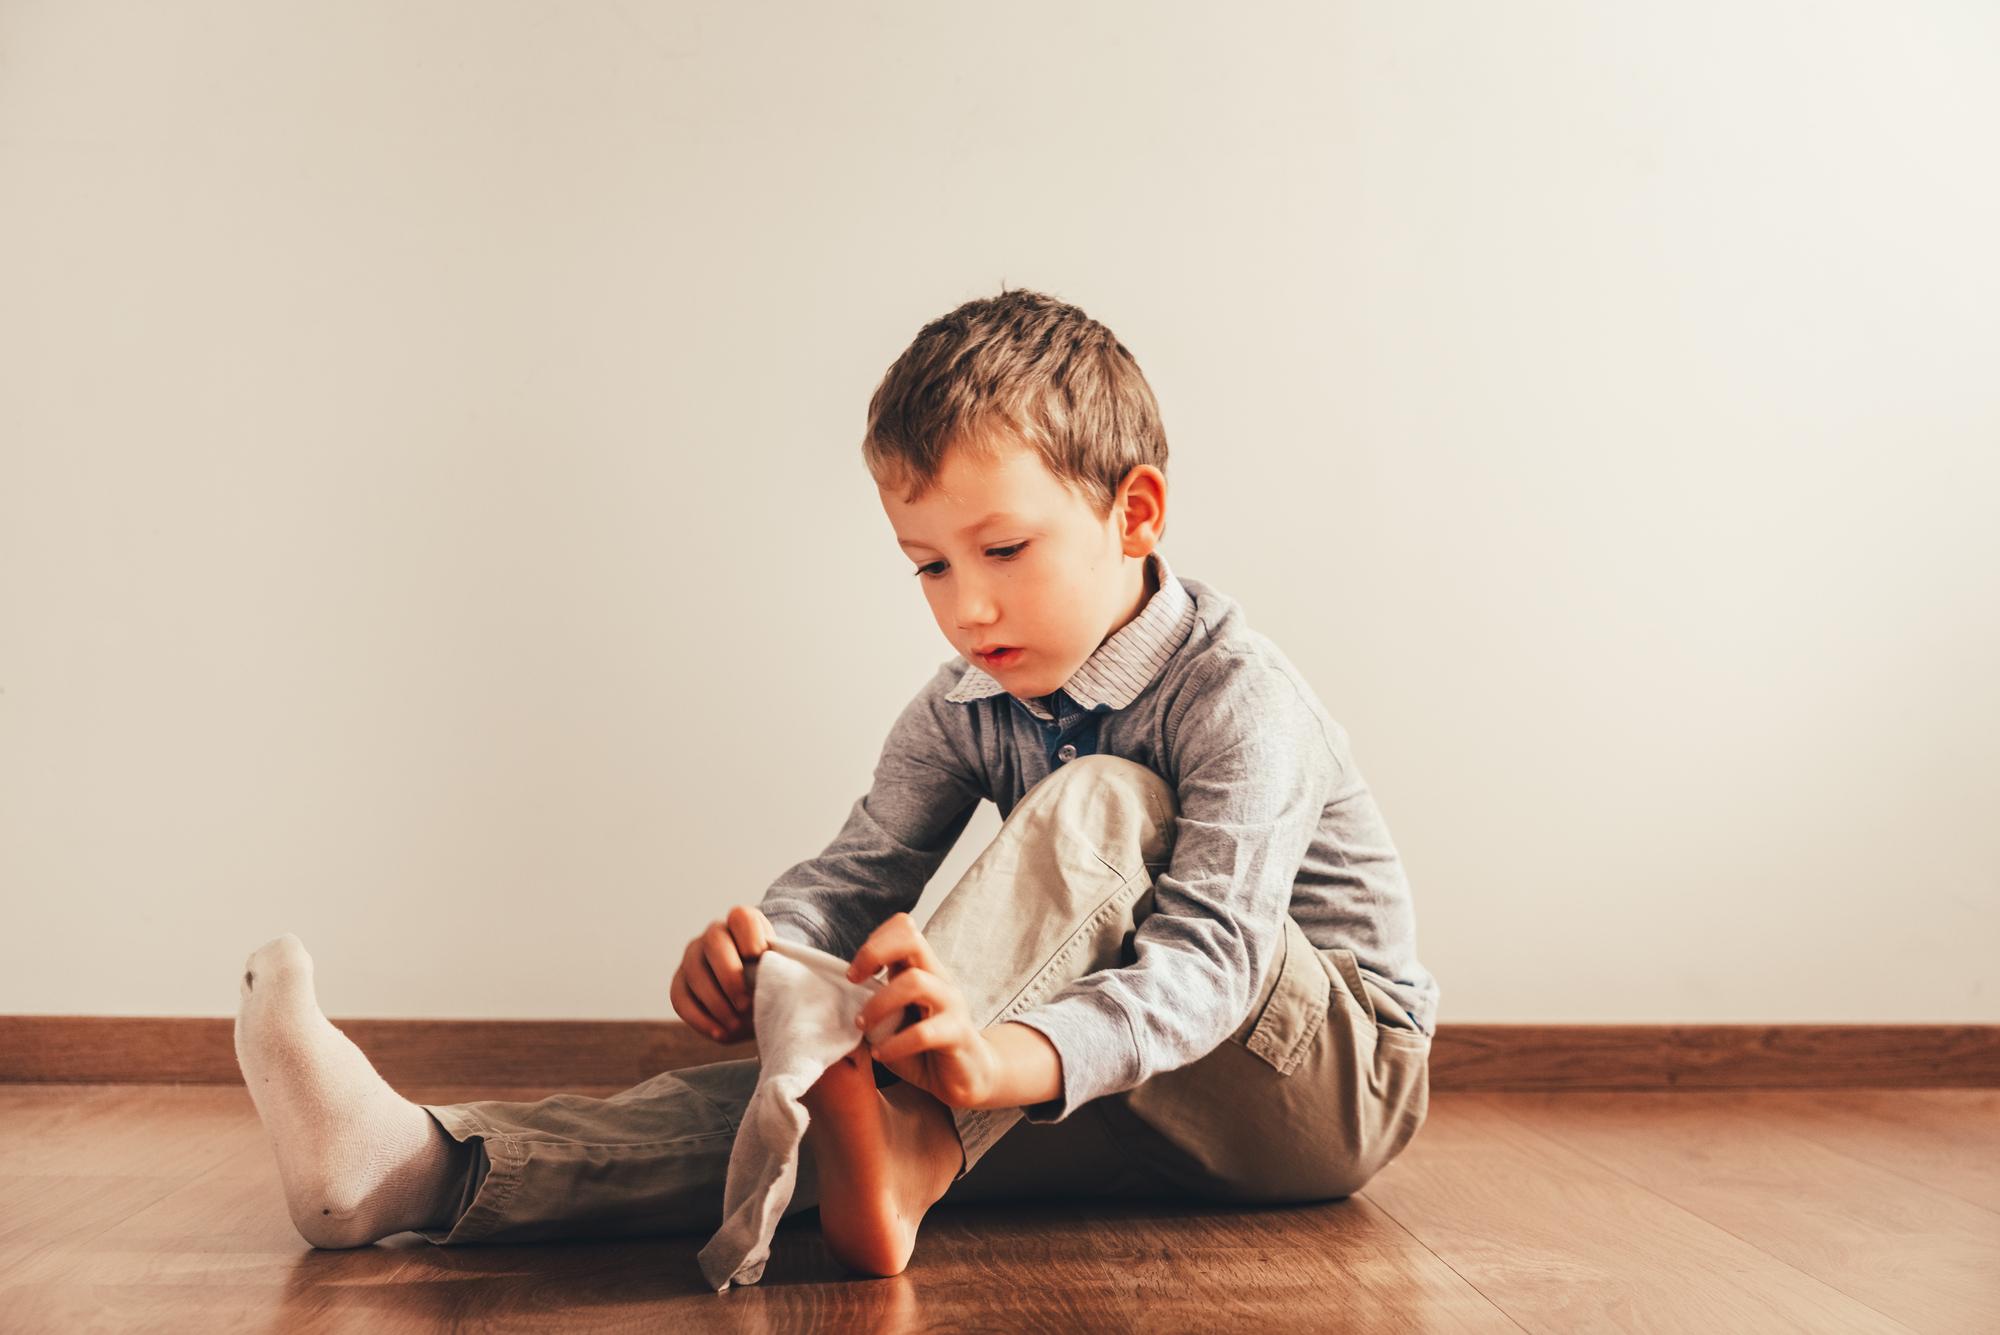 استقلال کودکان در انجام امور منزل